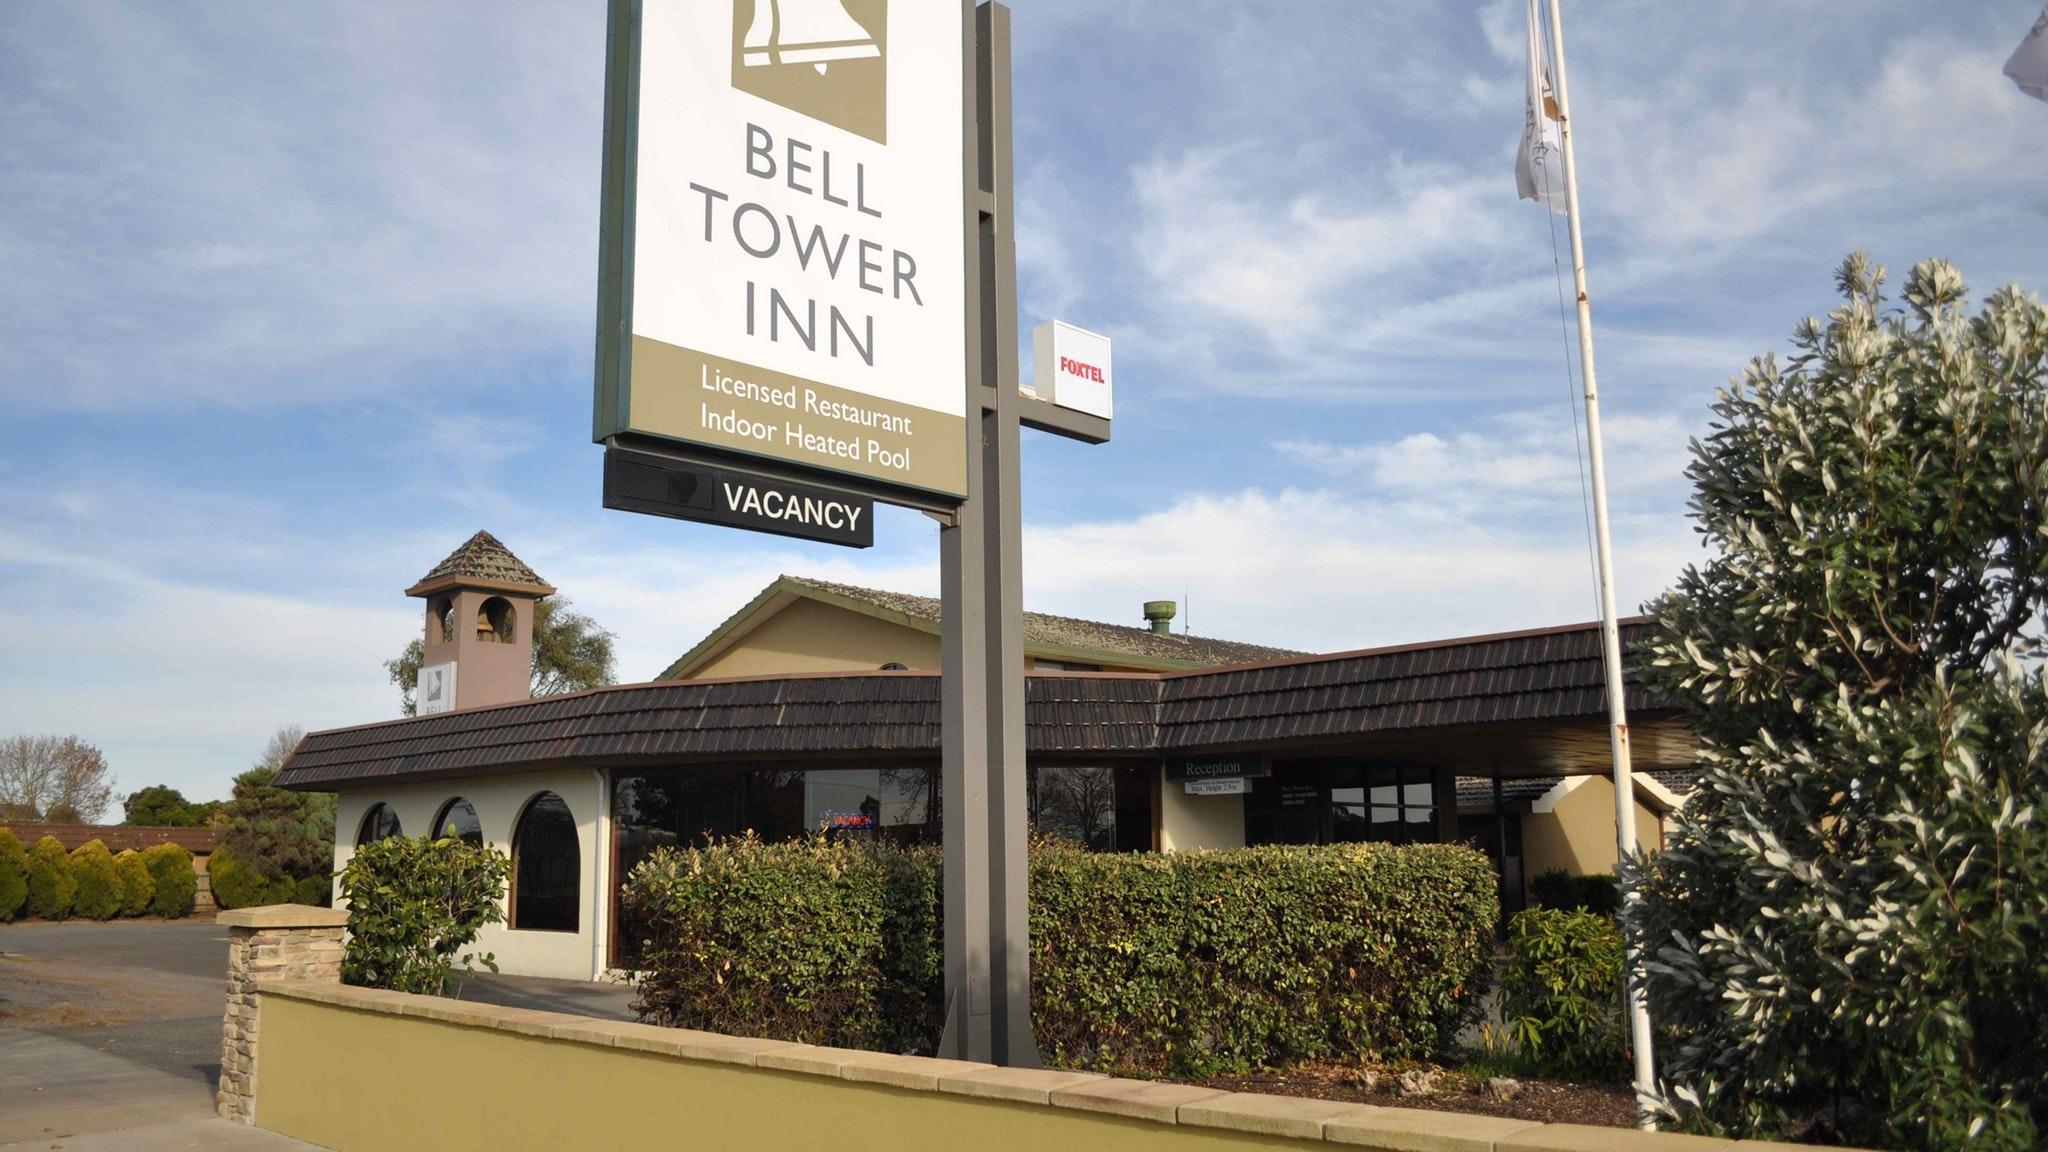 Bell Tower Inn